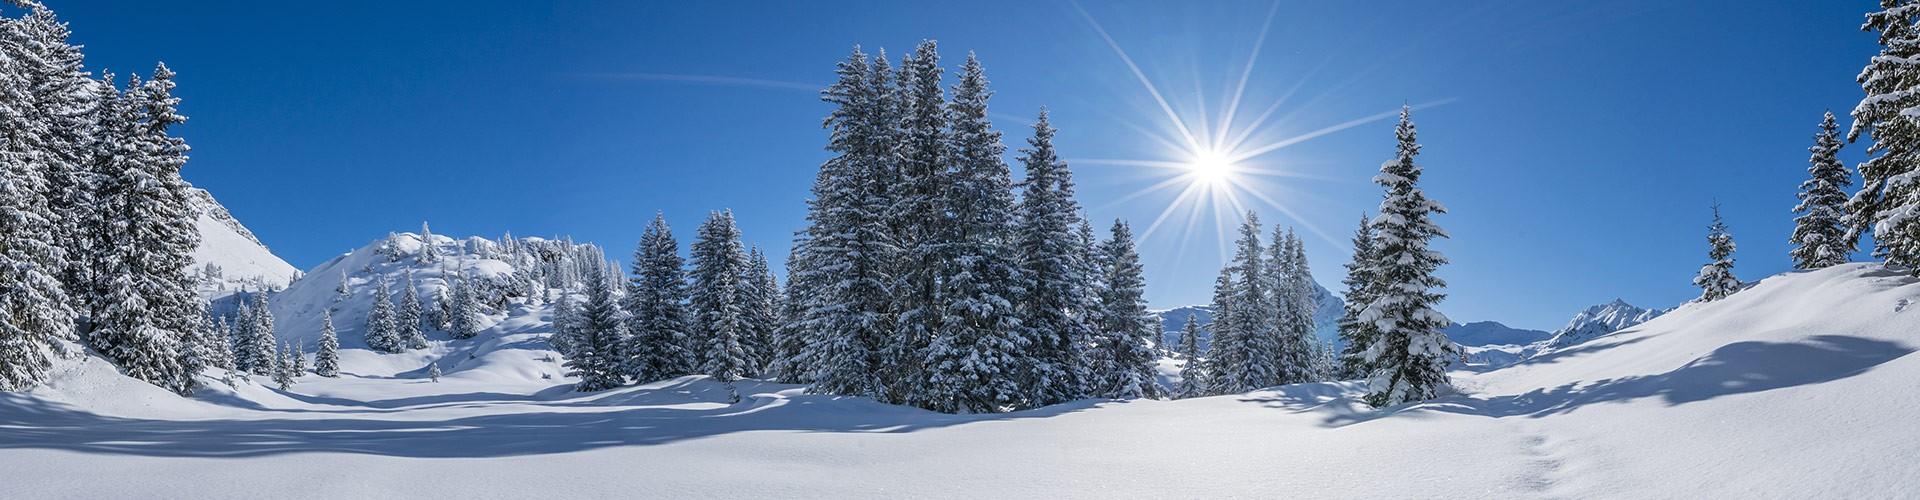 Newsletter berchtesgaden-online